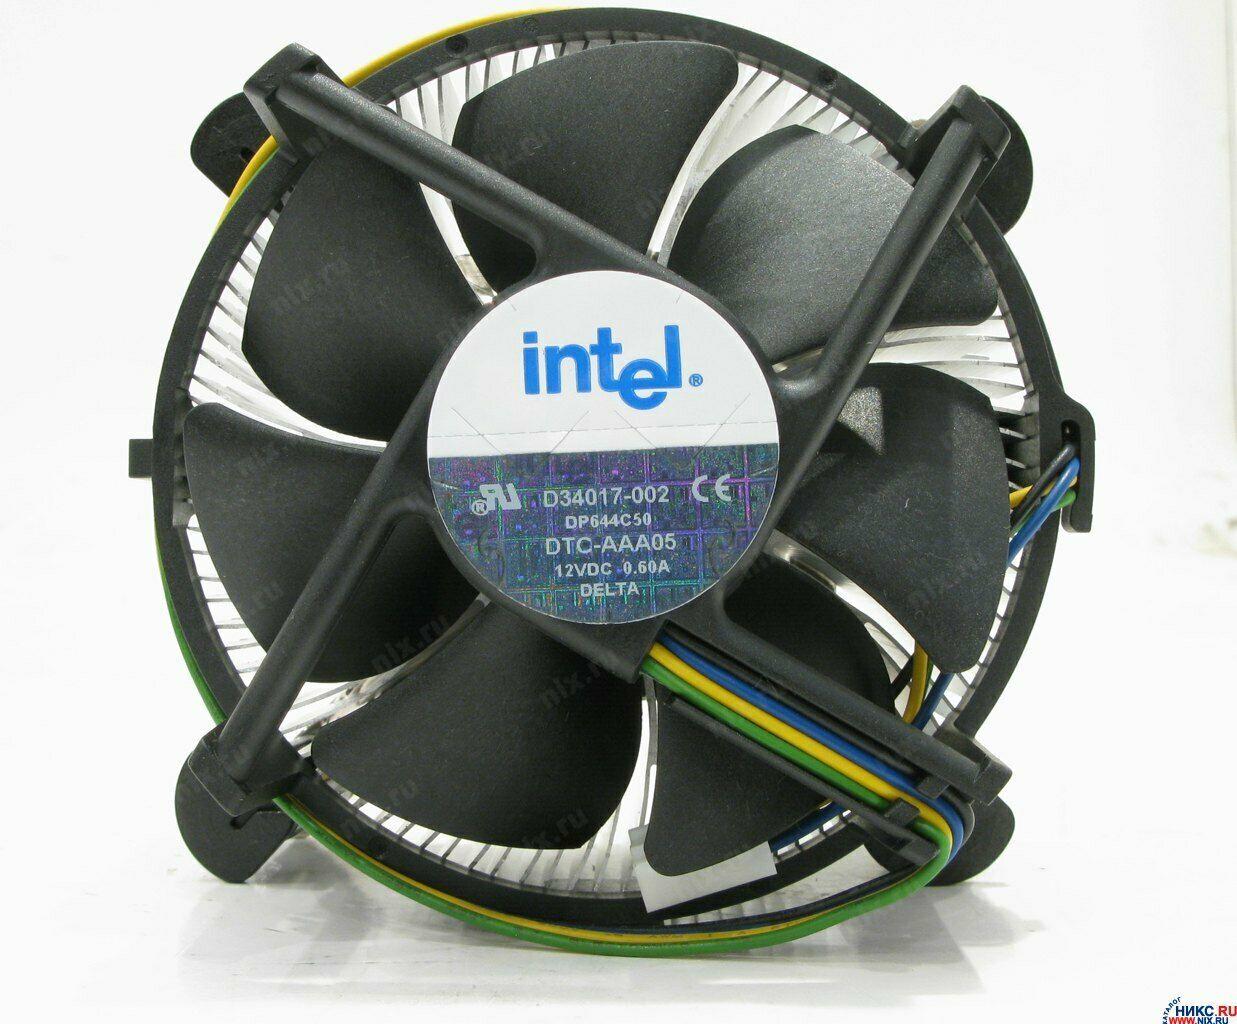 Intel D34017-002 DTC-AAA05 12V 0.66A Heatsink / Fan - $15.00